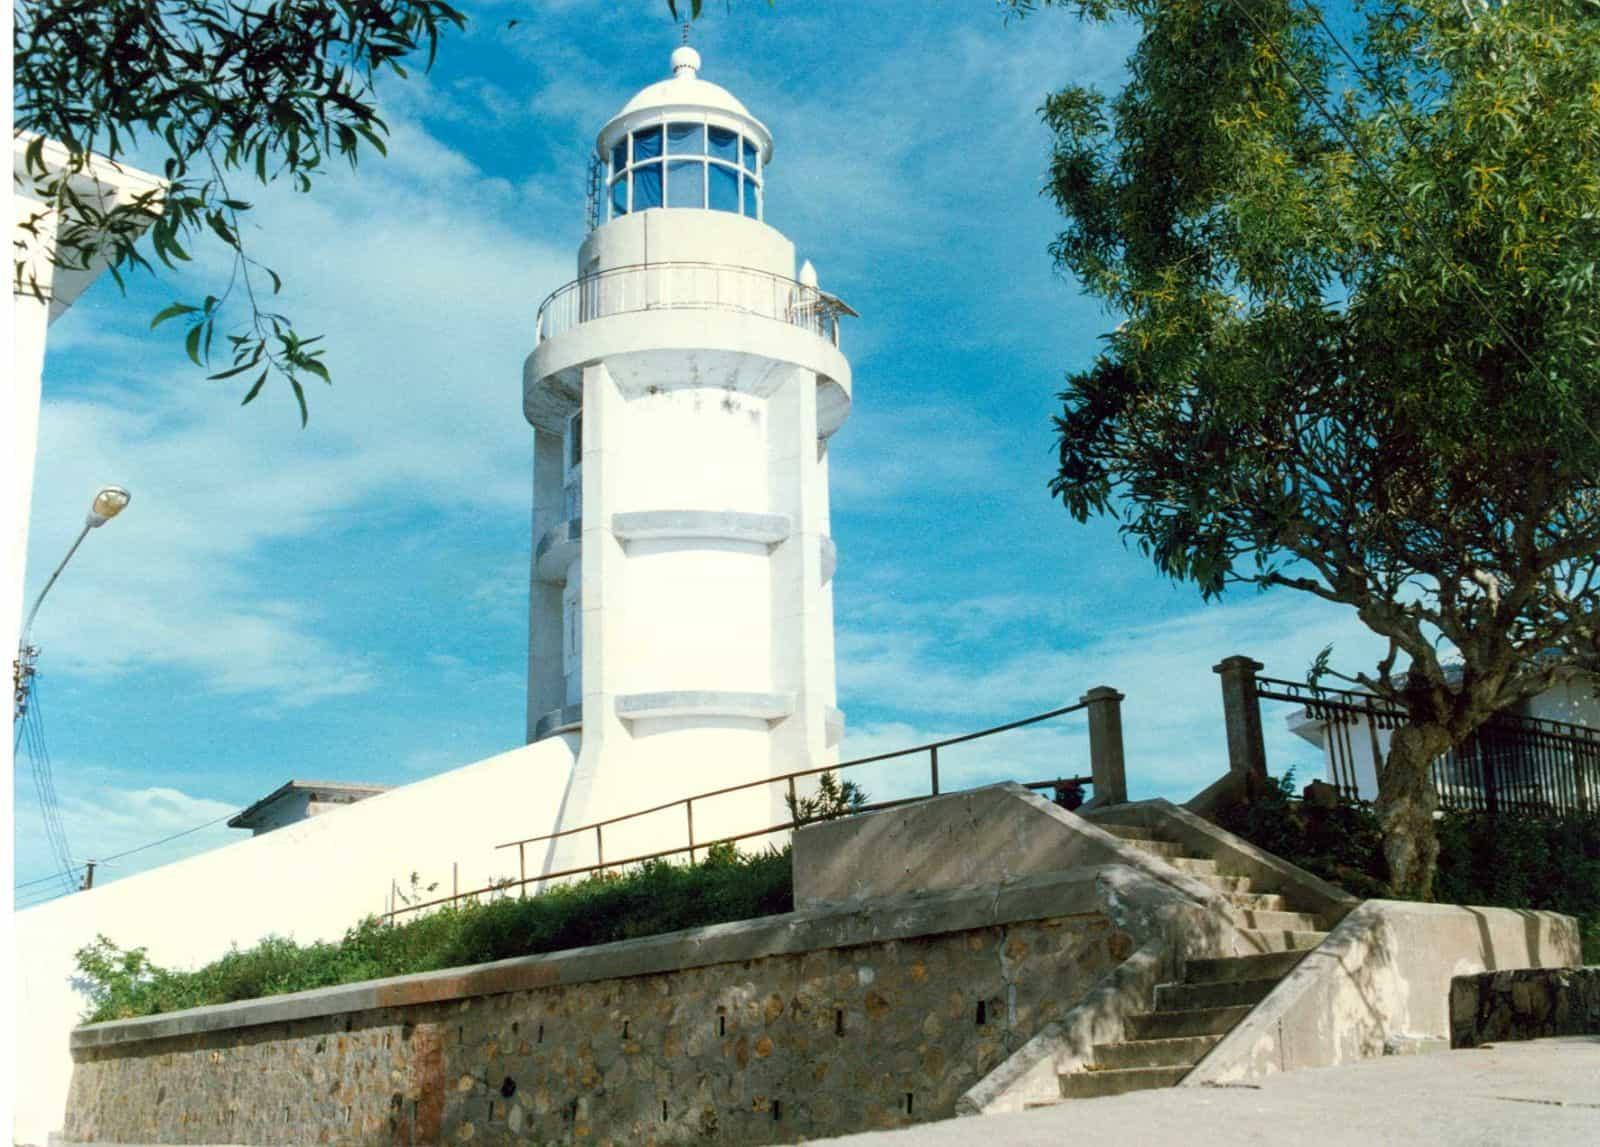 Nằm trên đỉnh núi Nhỏ, được khởi dựng vào năm 1862 và xây lại vào năm 1913, ngọn hải đăng vẫn giữ nguyên được kiểu dáng, kiến trúc cổ điển, là một trong những hải đăng cổ xưa nhất Việt Nam và Đông Nam Á